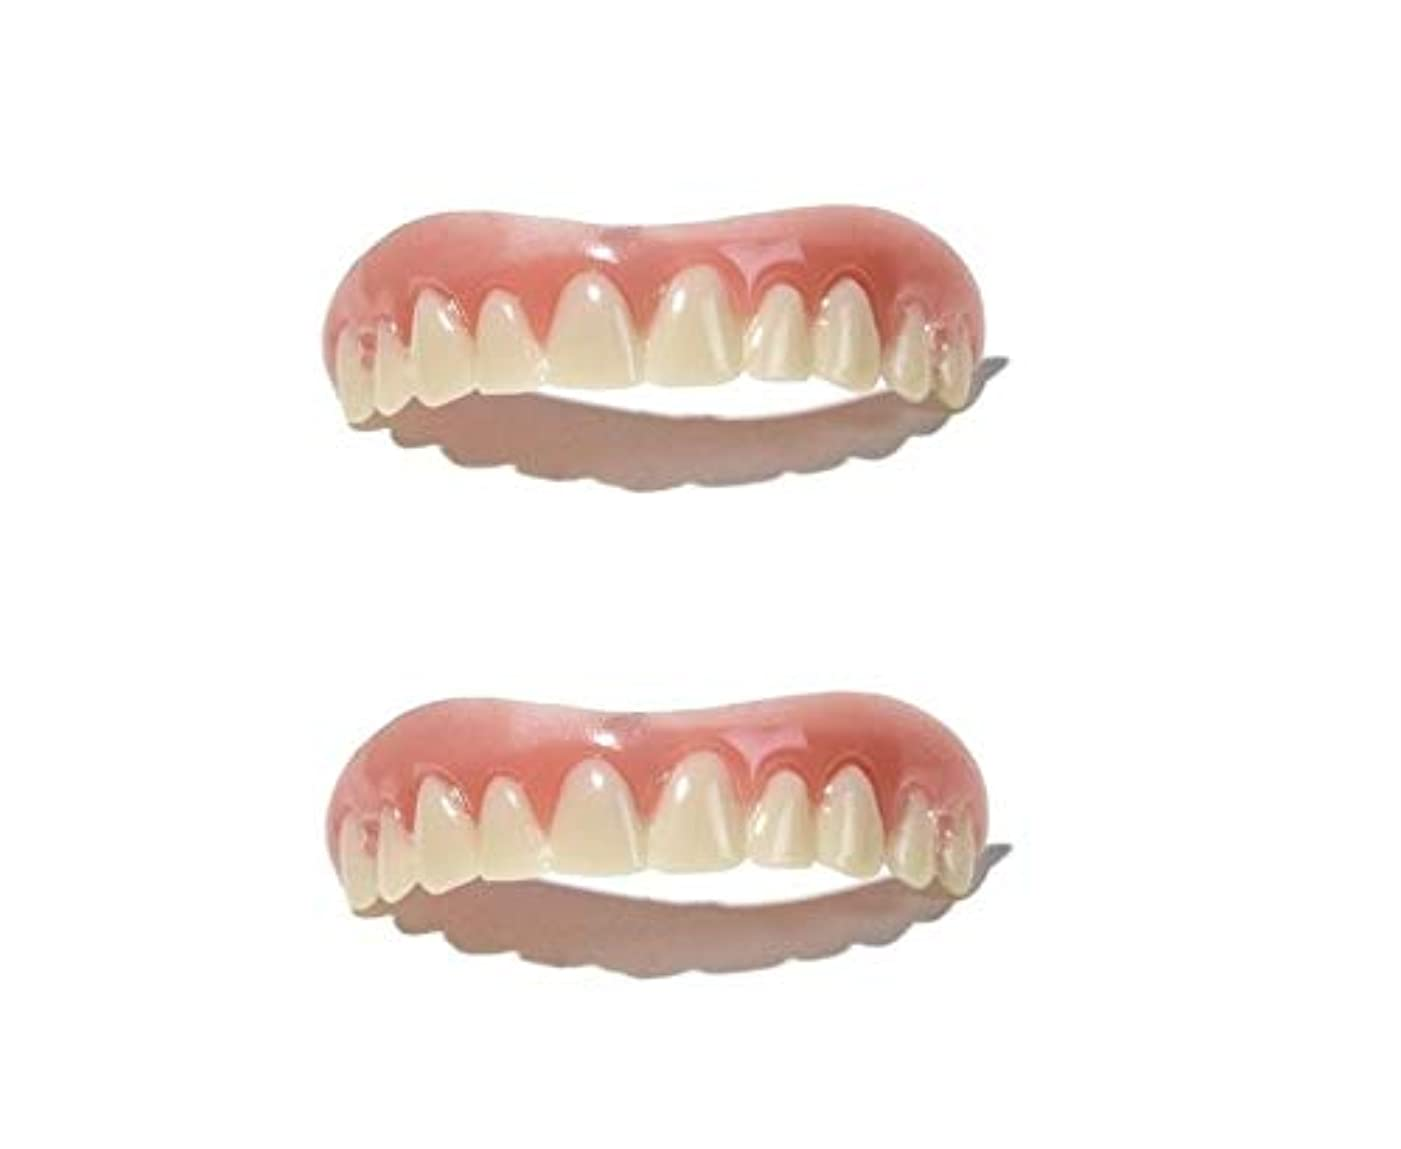 バリー自伝ピアノを弾くインスタント 美容 入れ歯 上歯 2個セット (free size (Medium)